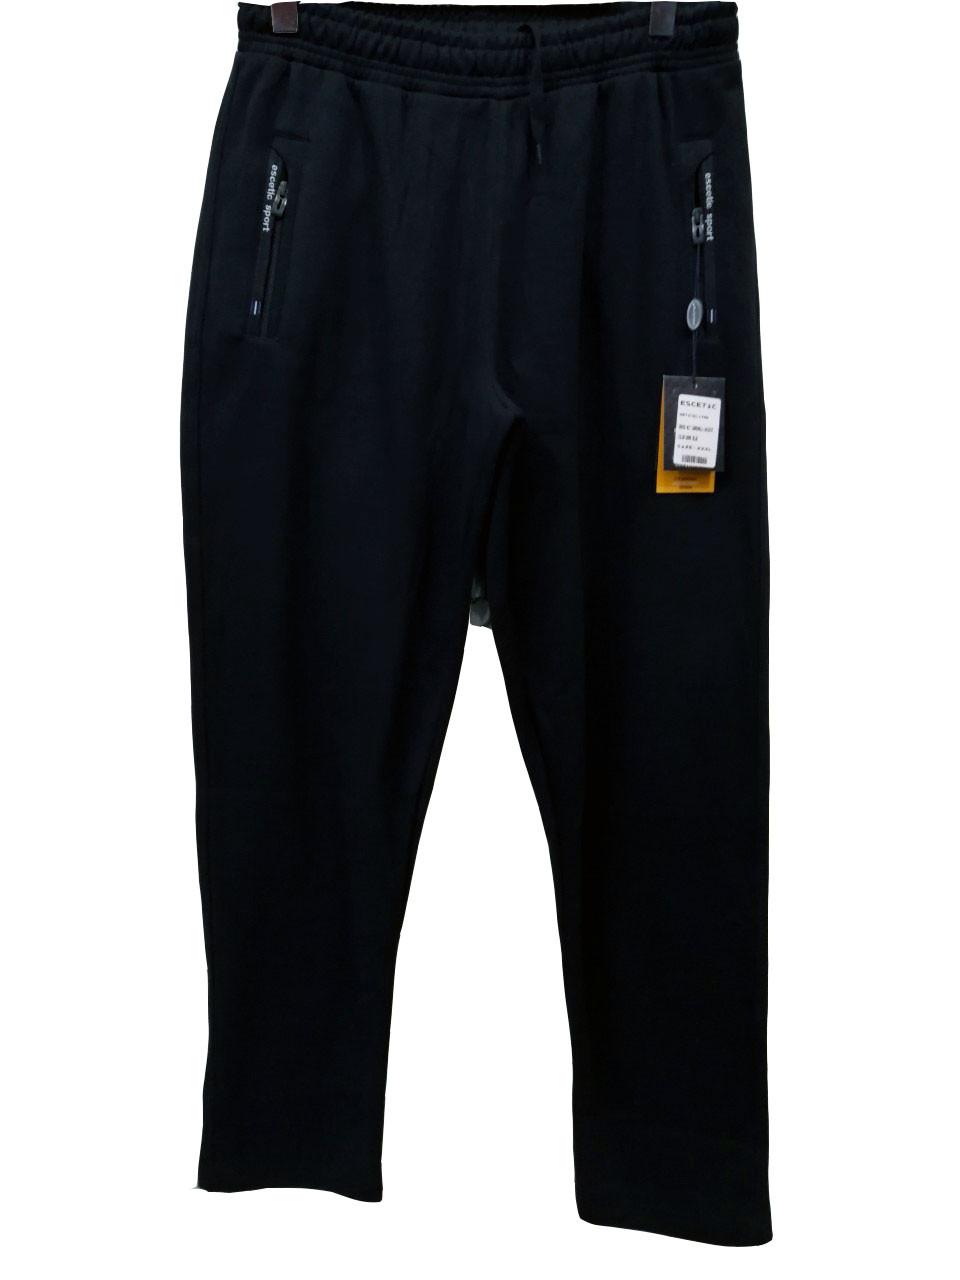 Штани теплі чоловічі Escetic зимові спортивні штани з лакосты Сині